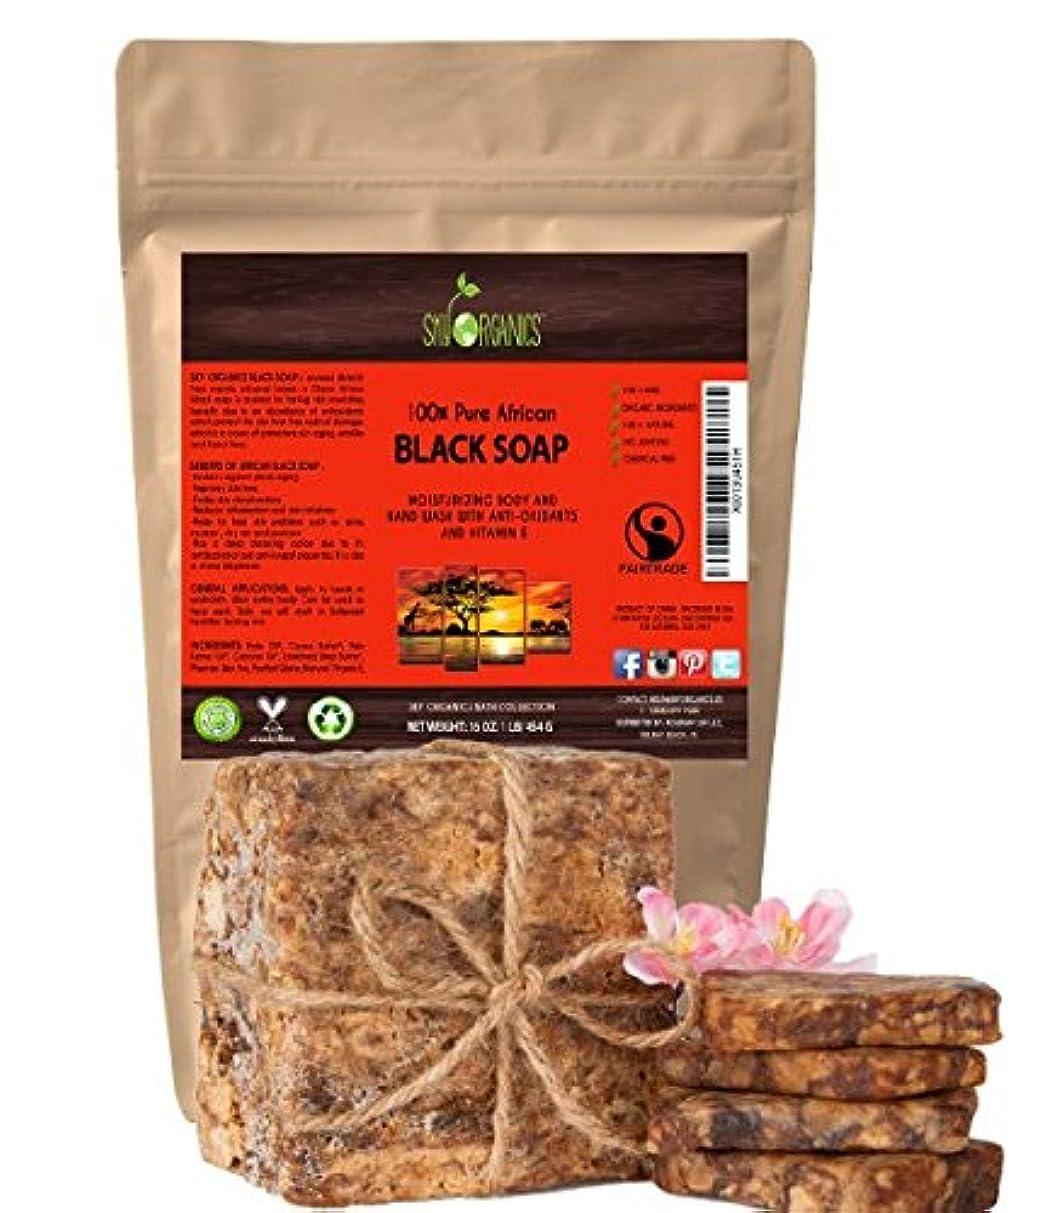 高揚した塗抹パッチ切って使う オーガニック アフリカン ブラックソープ (約4563gブロック)Organic African Black Soap (16oz block) - Raw Organic Soap Ideal for Acne...